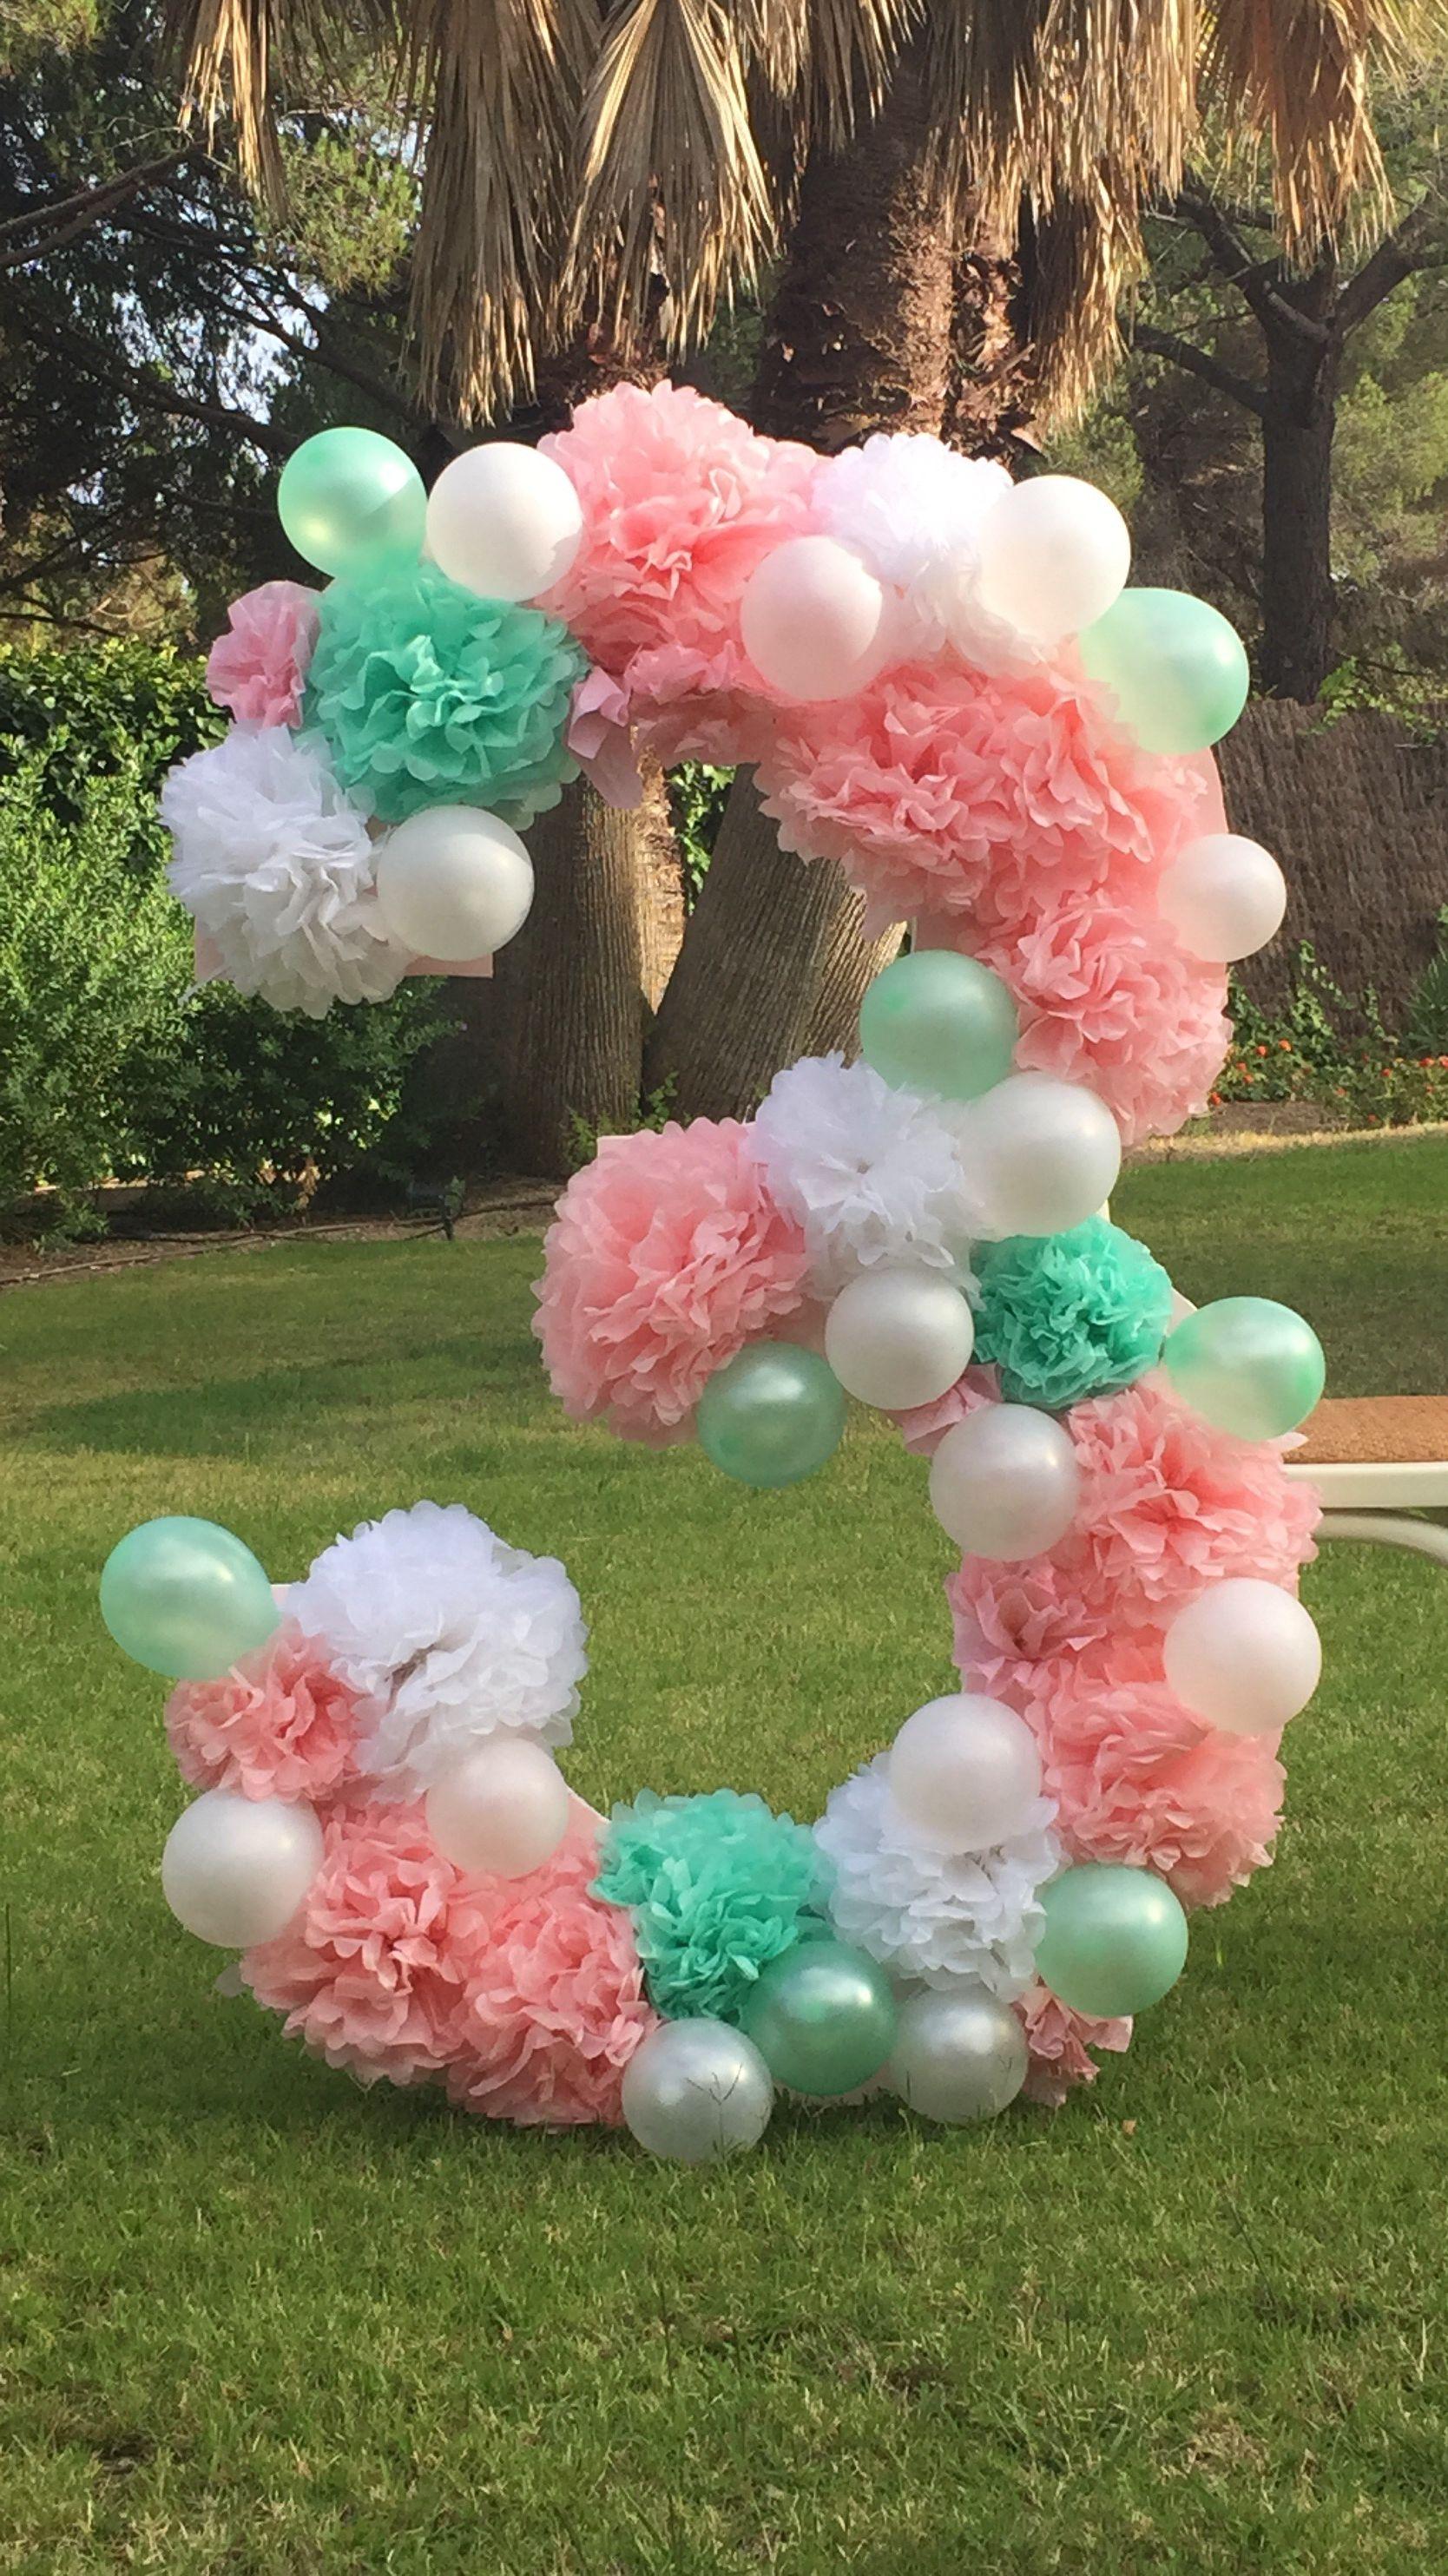 Diy n mero xl decorado para photocall globos para for Decoracion de photocall